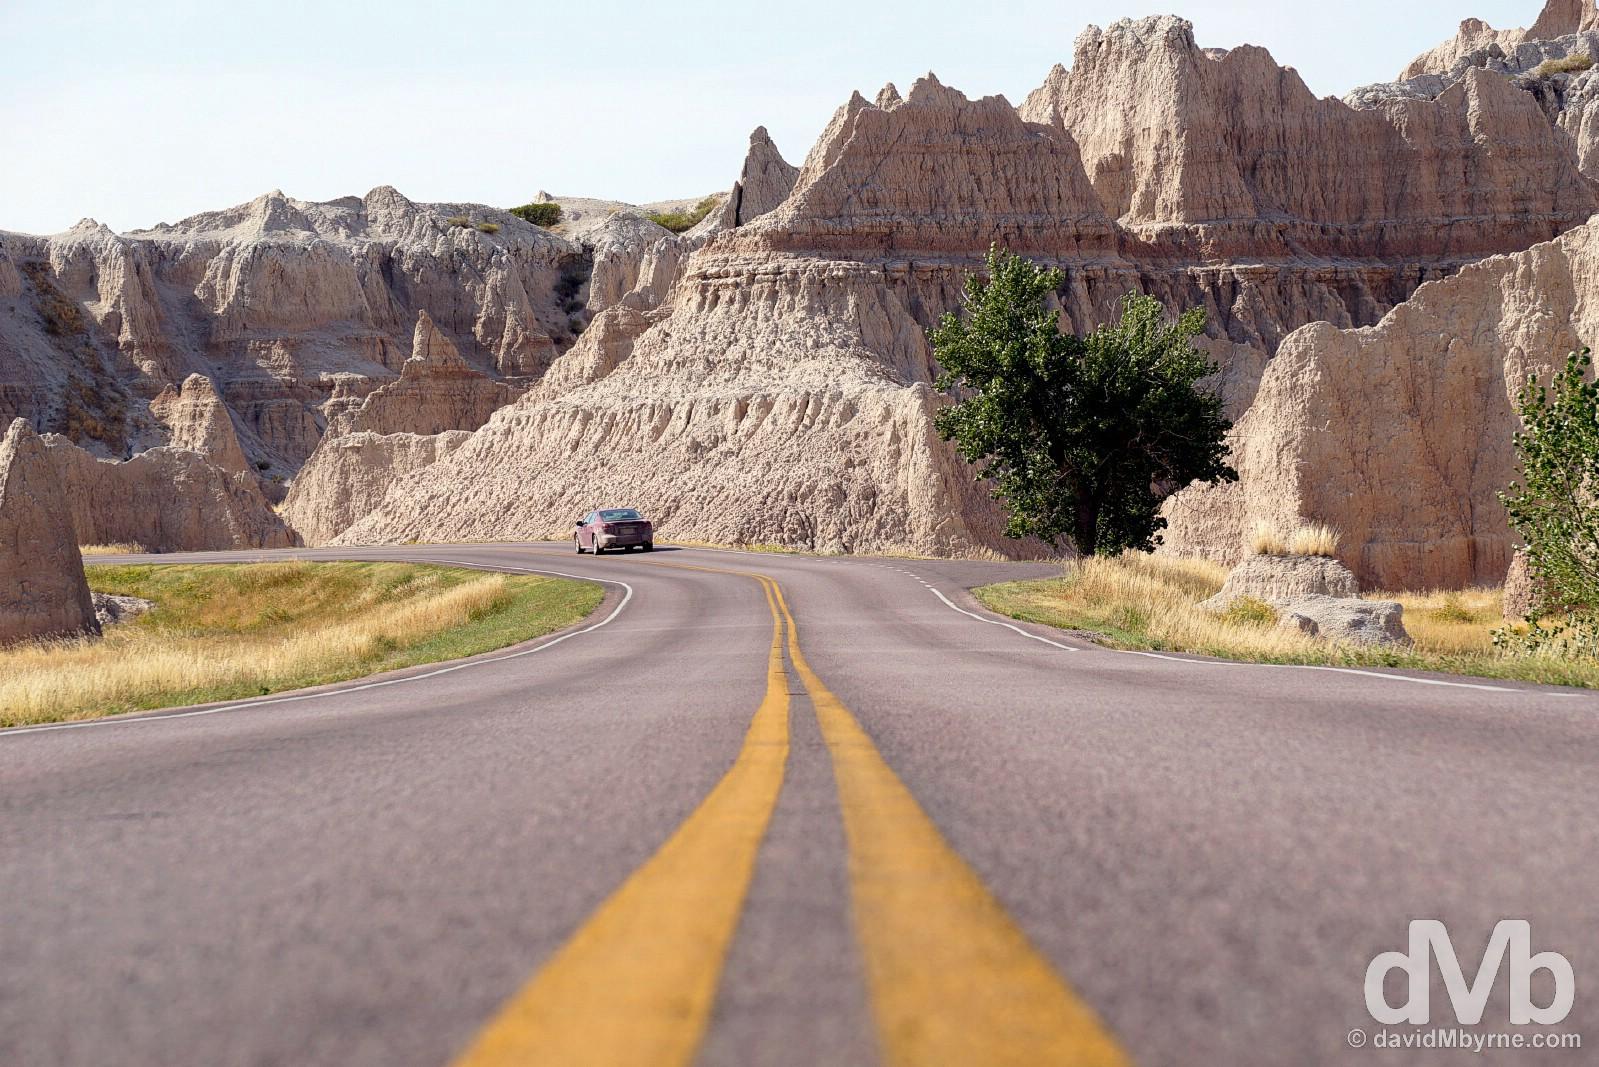 Driving a portion of the Badlands Loop in Badlands National Park, South Dakota. September 1, 2016.